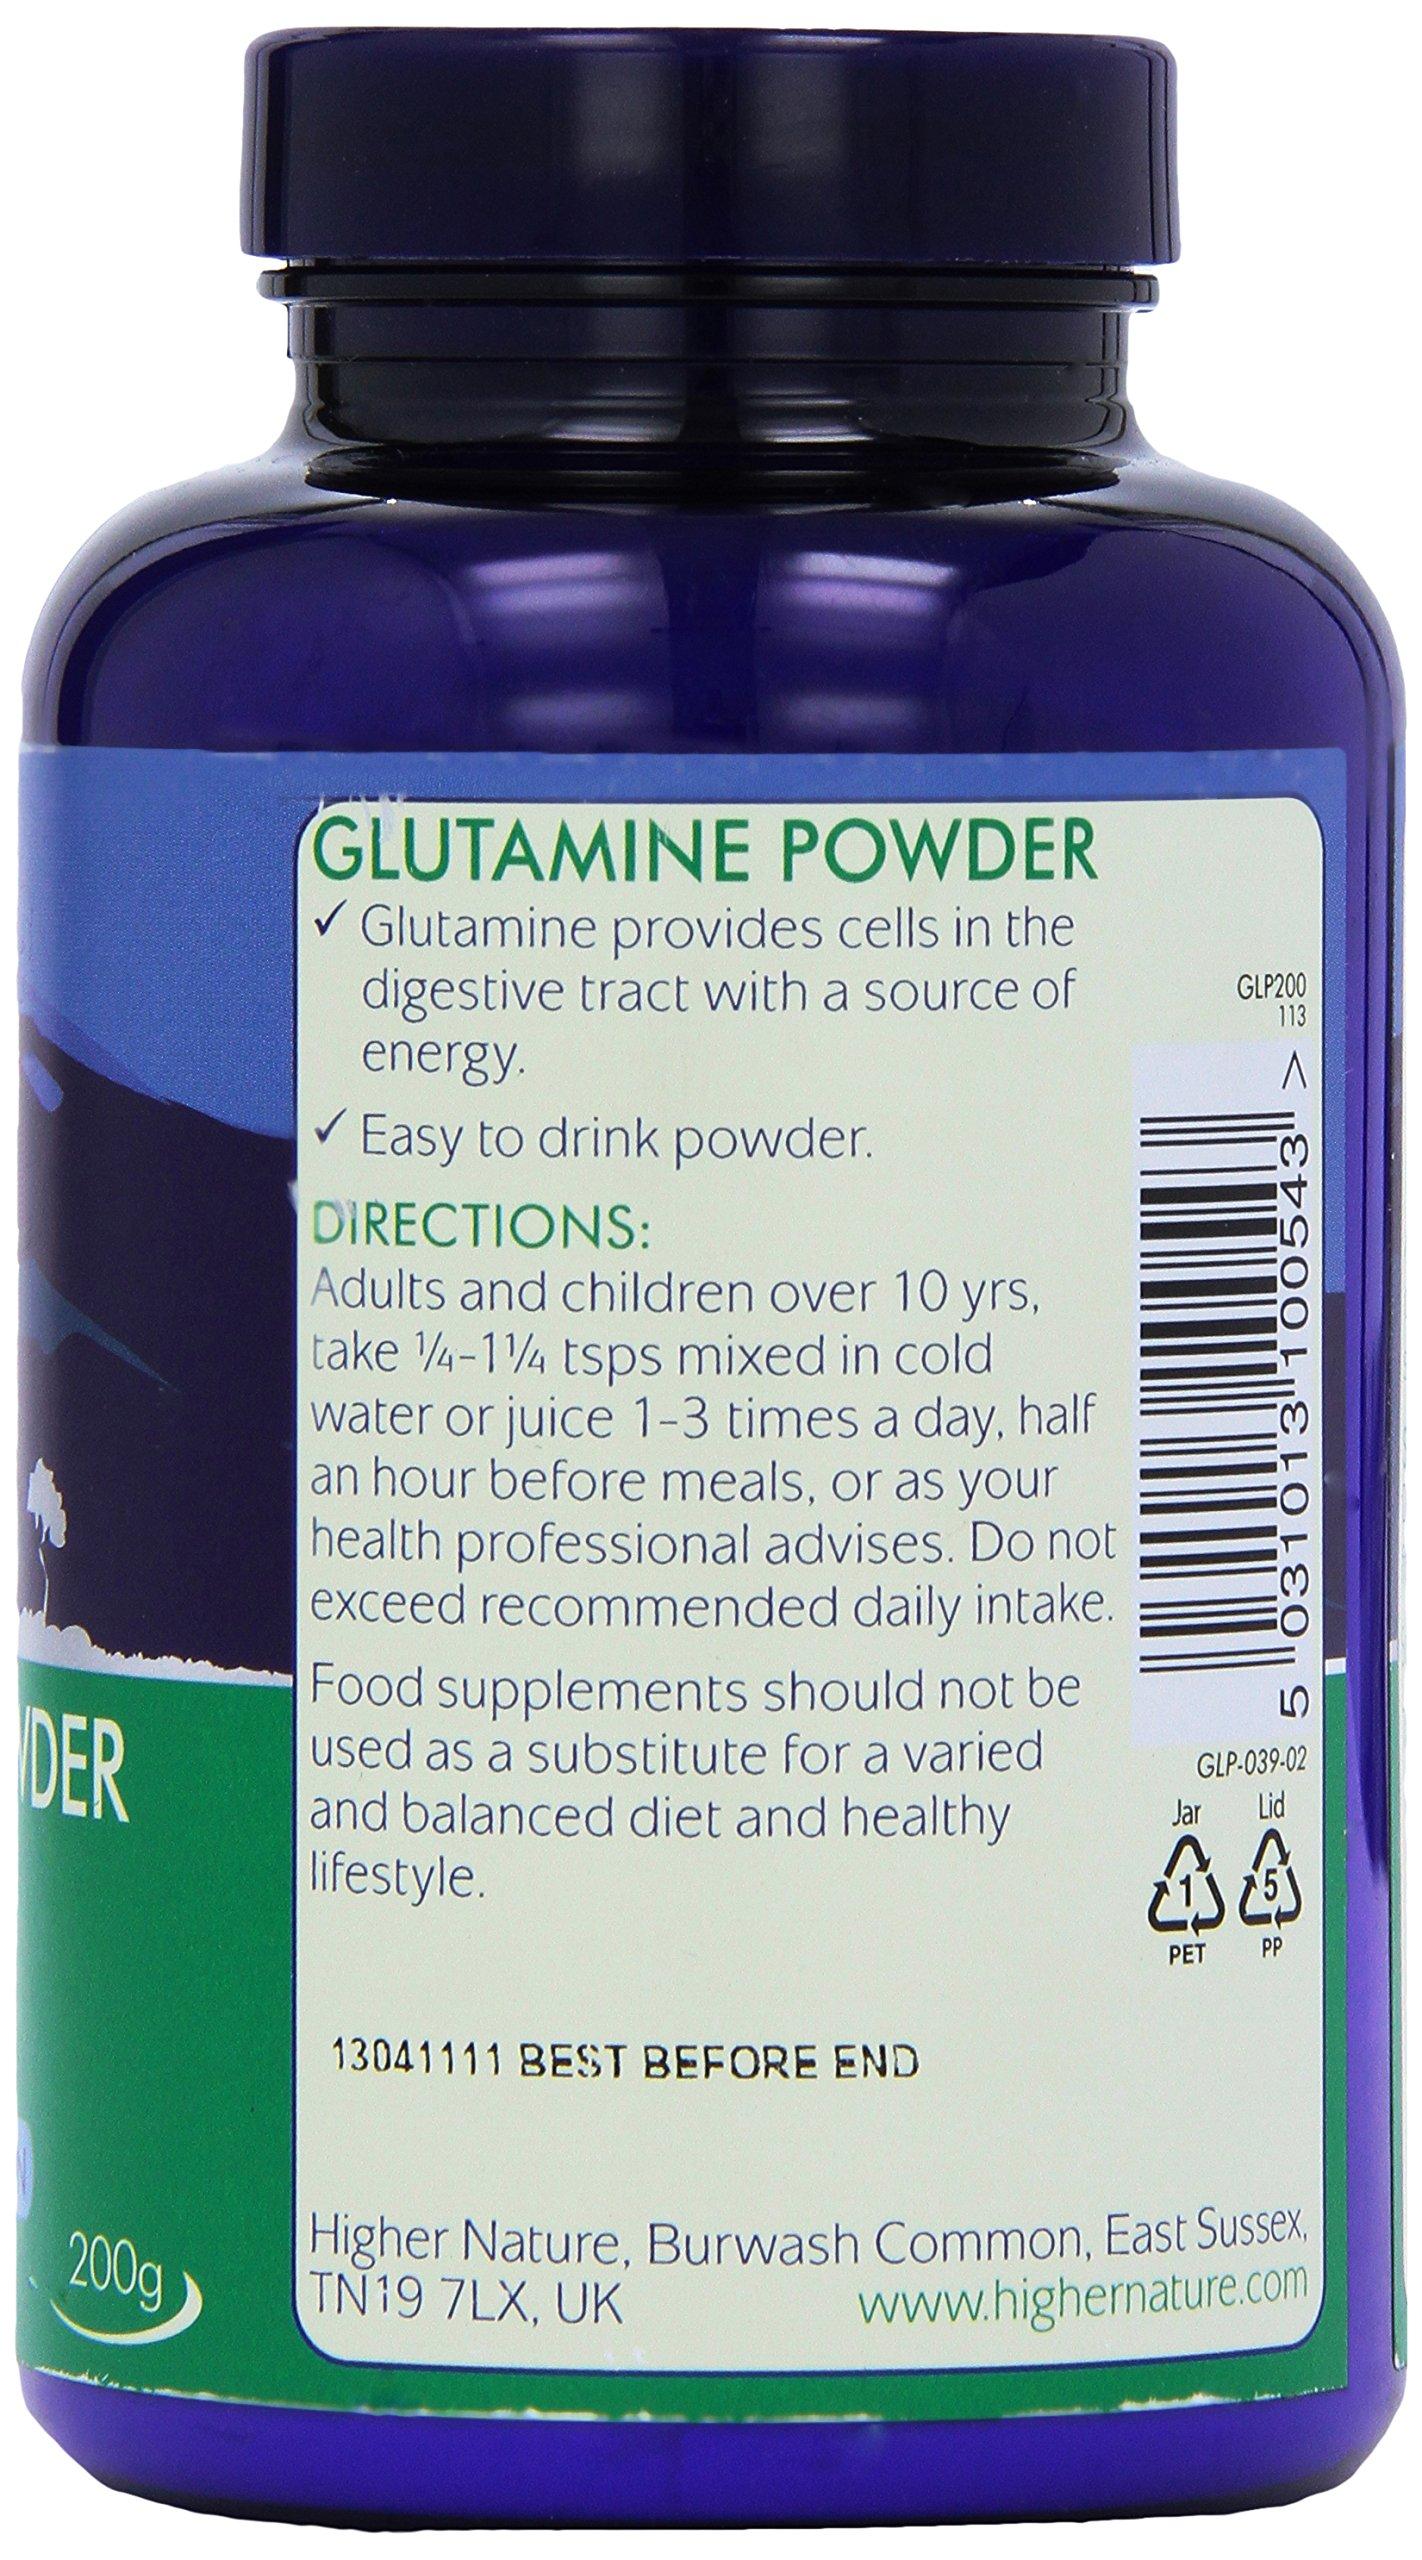 91zP%2BEl46XL - Higher Nature 200g Glutamine Powder